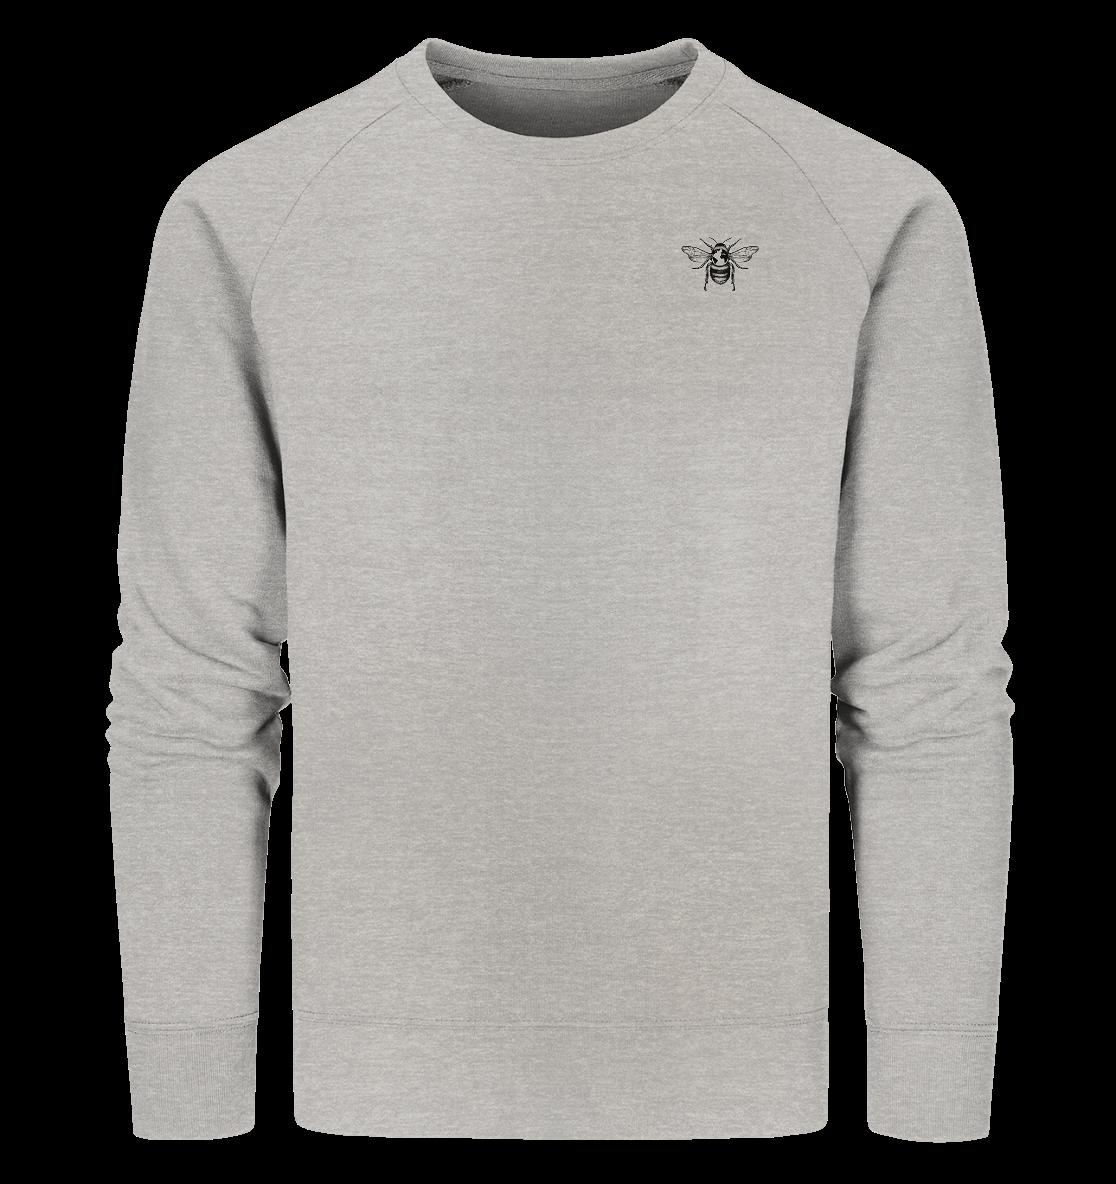 front-organic-sweatshirt-c2c1c0-1116x.png